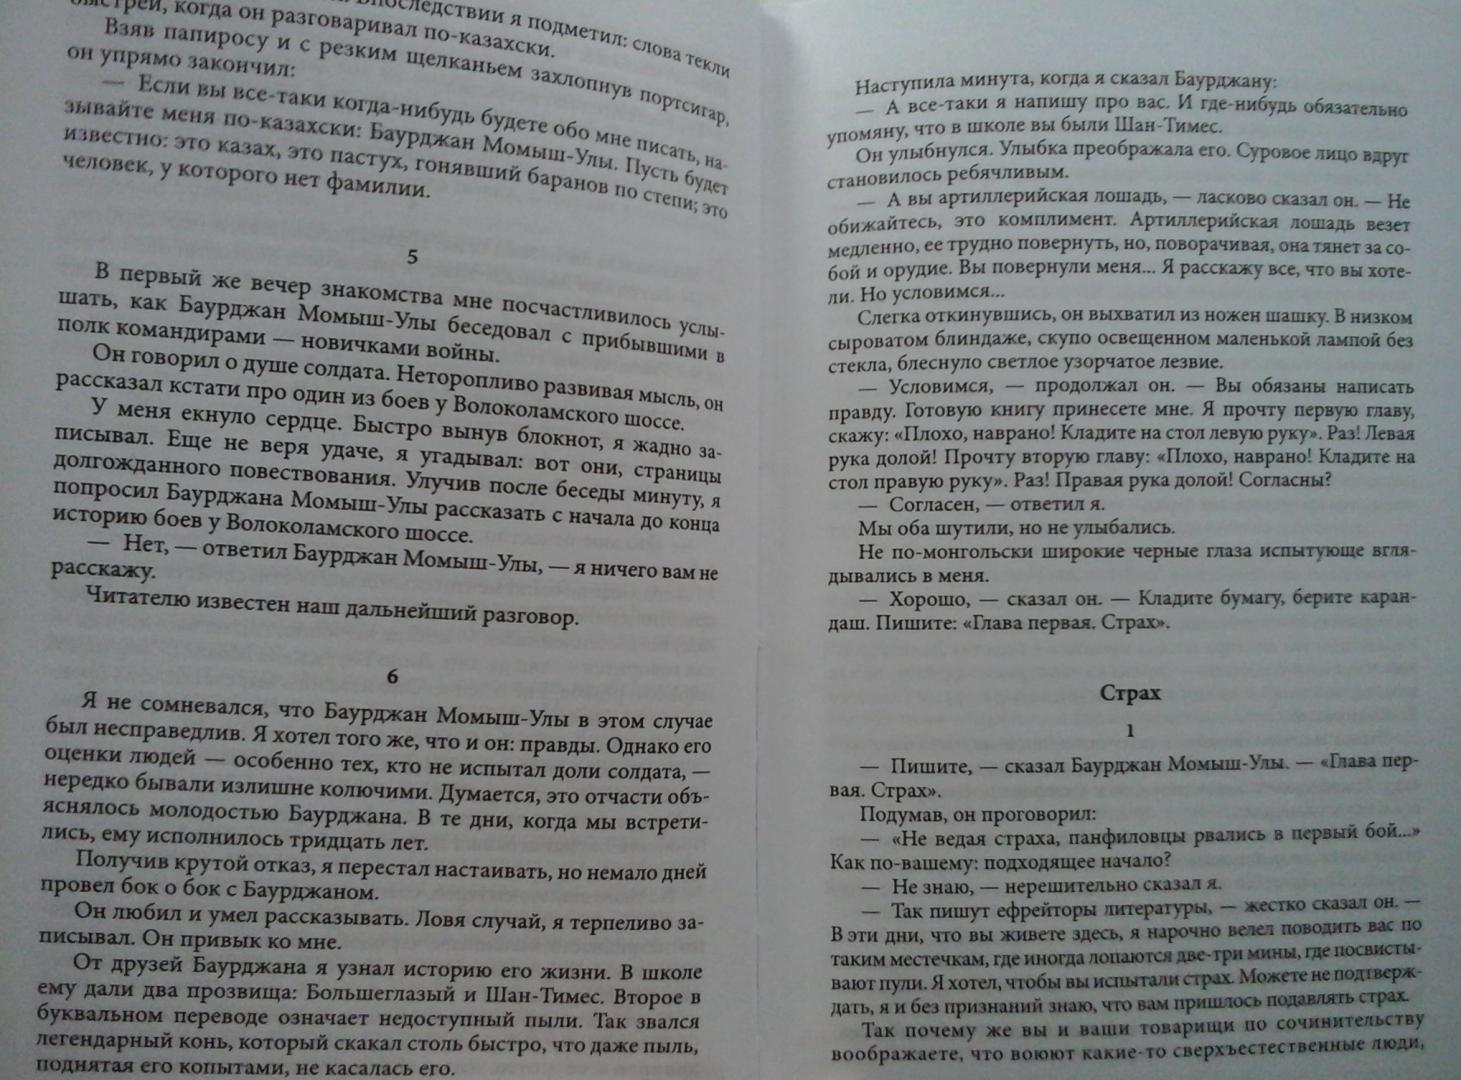 Иллюстрация 2 из 18 для Волоколамское шоссе - Александр Бек | Лабиринт - книги. Источник: Мошков Евгений Васильевич